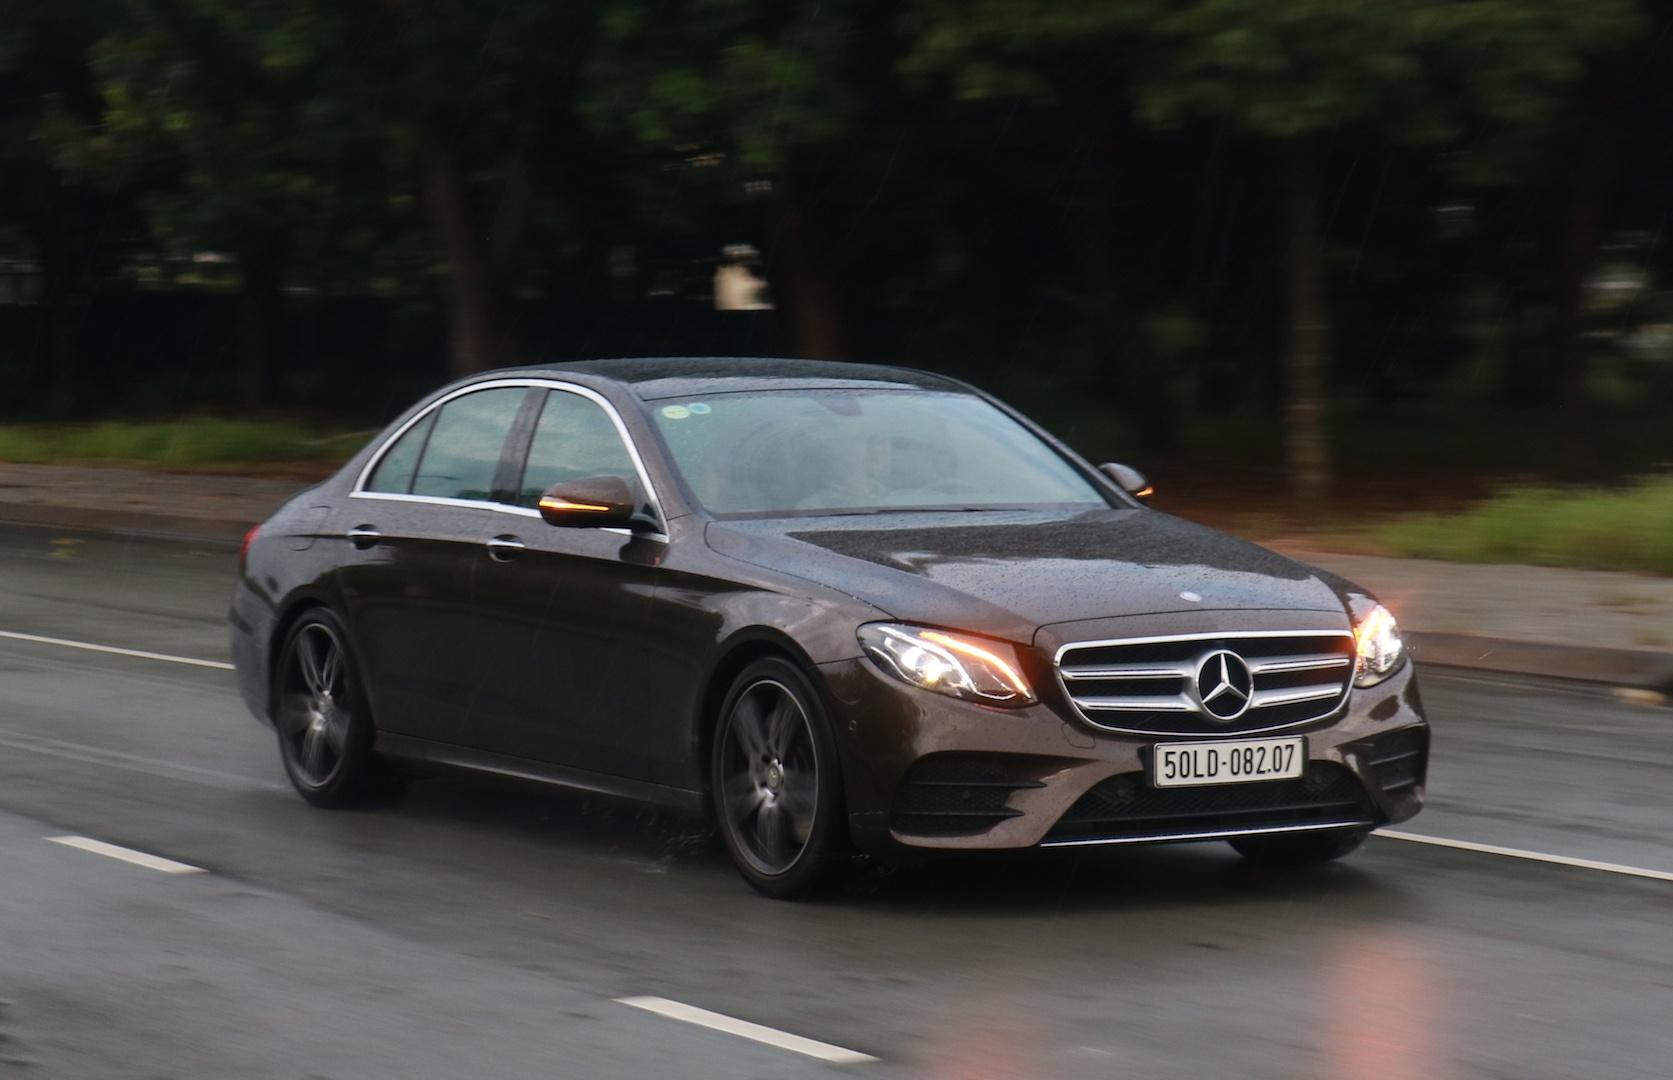 Mercedes E300 AMG - sedan hang sang gia 3 ty dong tai Viet Nam hinh anh 11